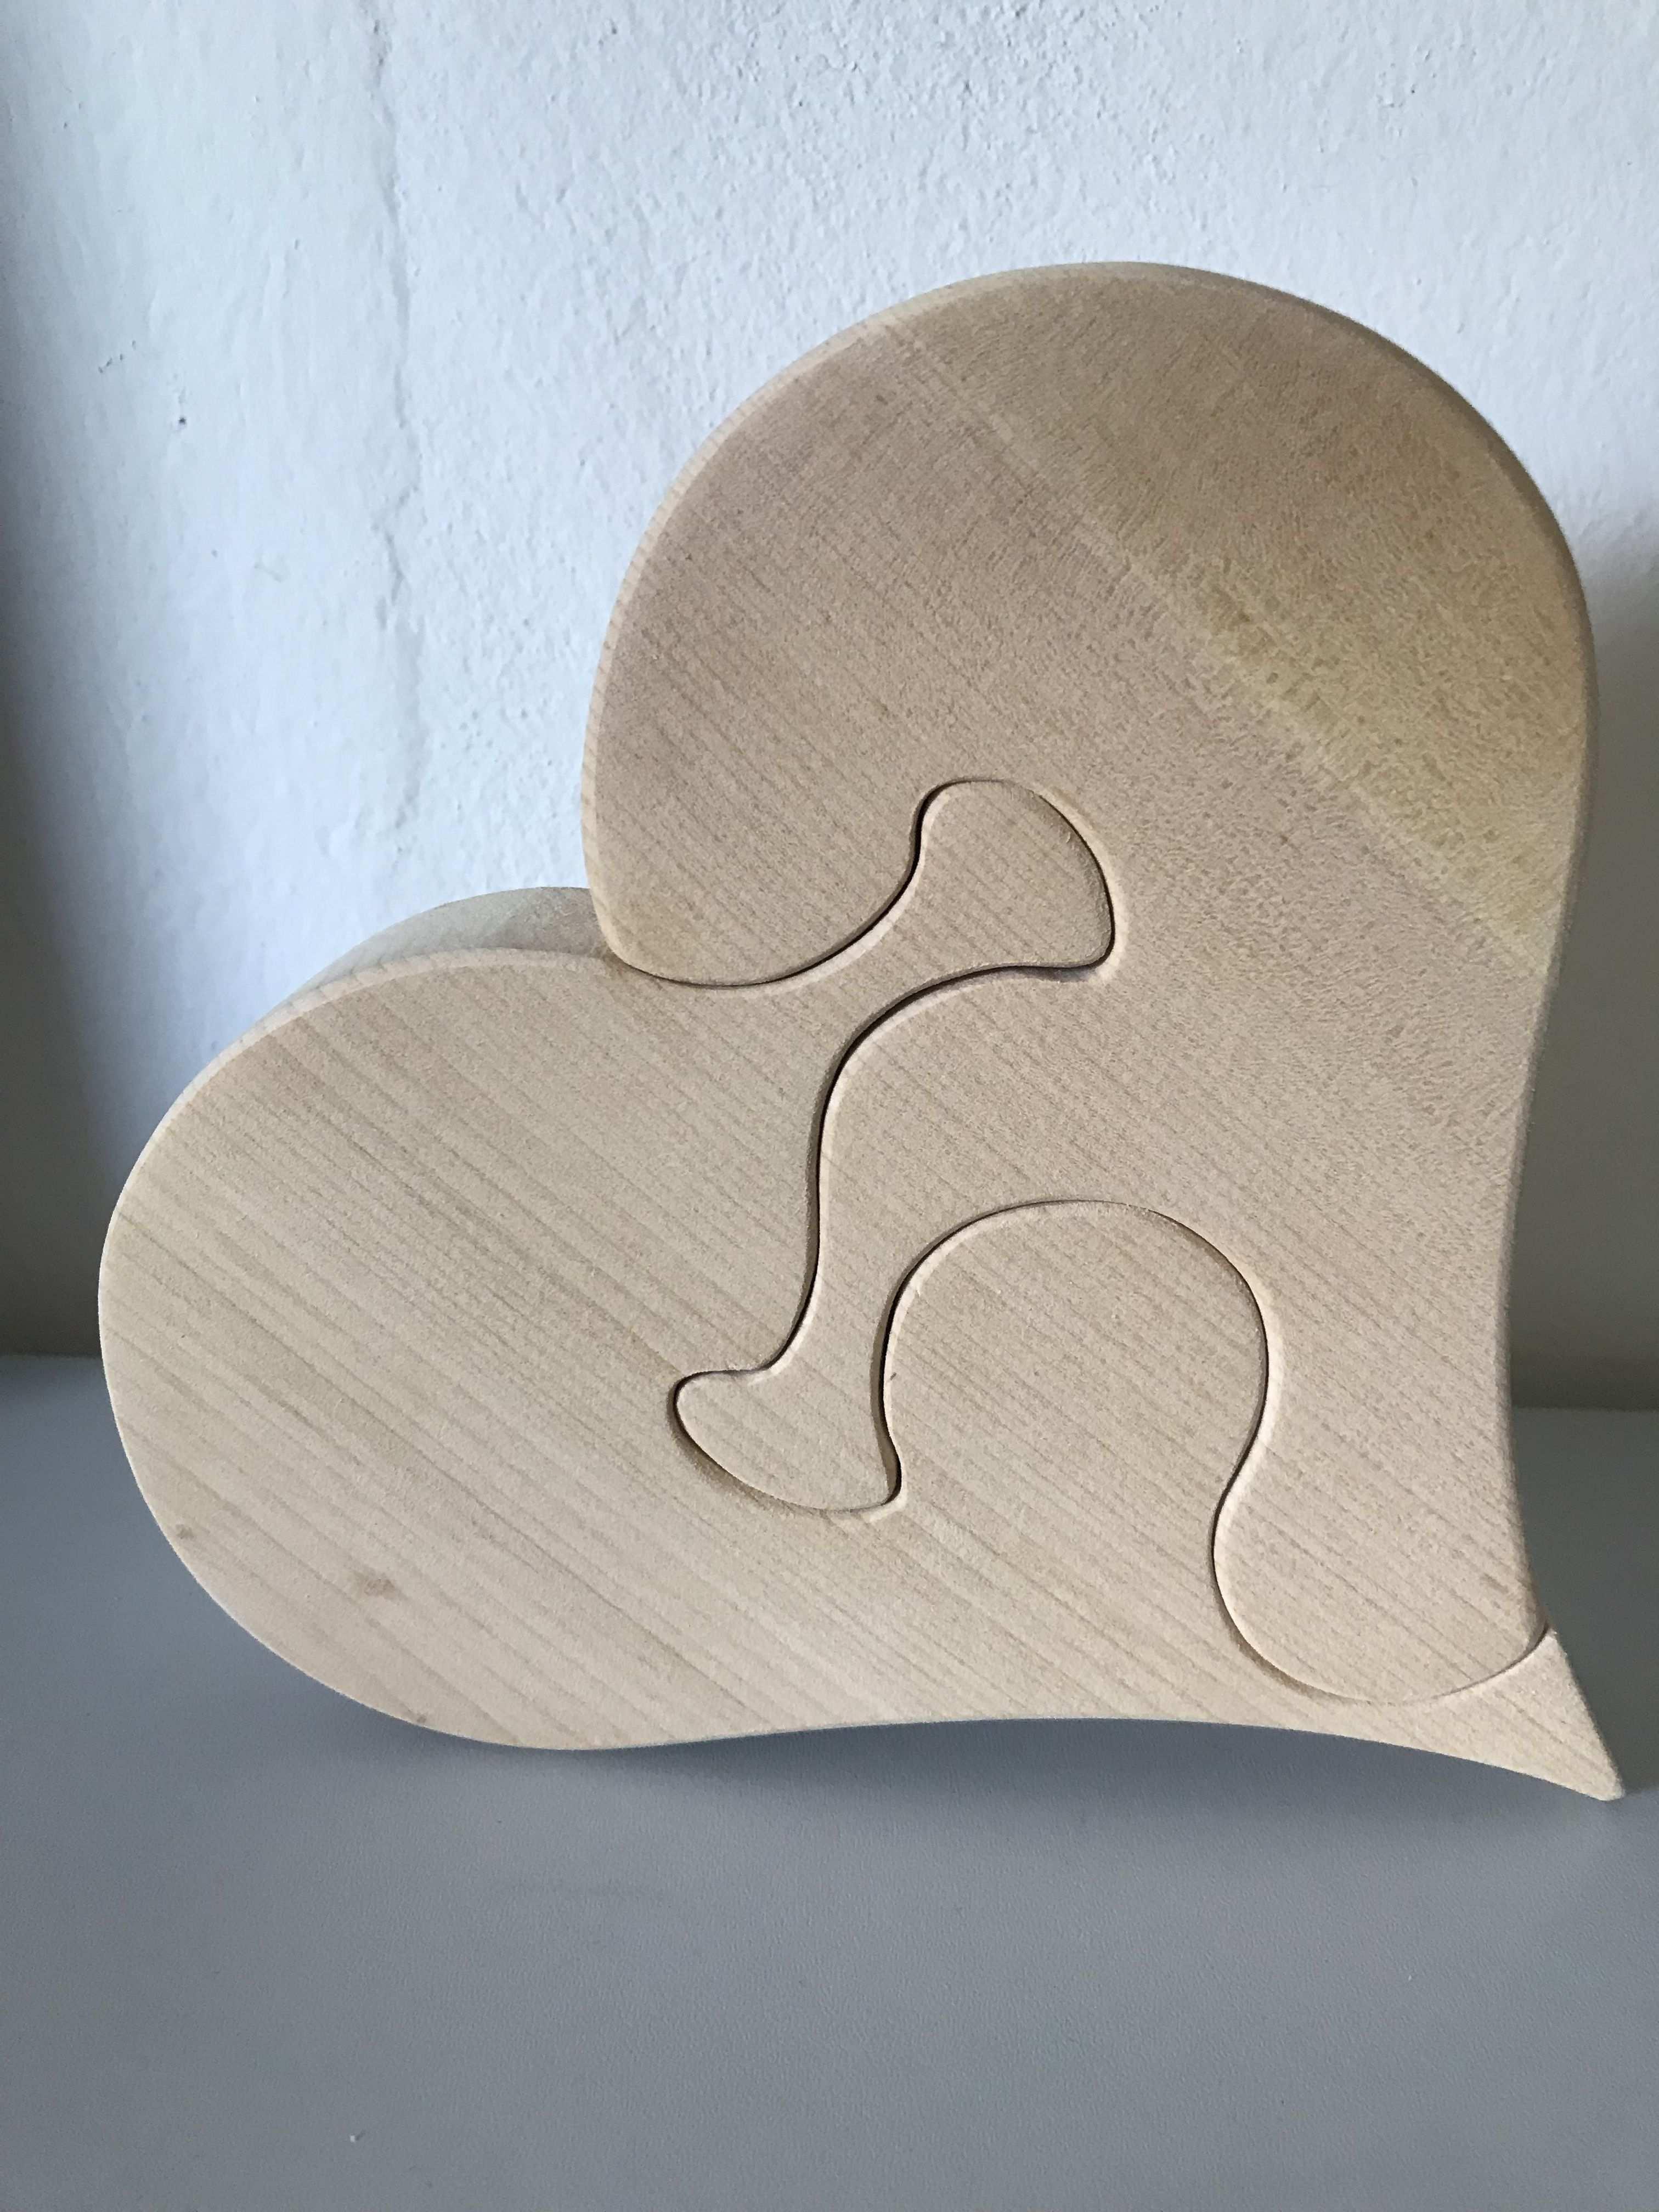 Pin Von Walter Weissbock Auf Holzprojekte Holzarbeiten Holz Herz Basteln Mit Holz